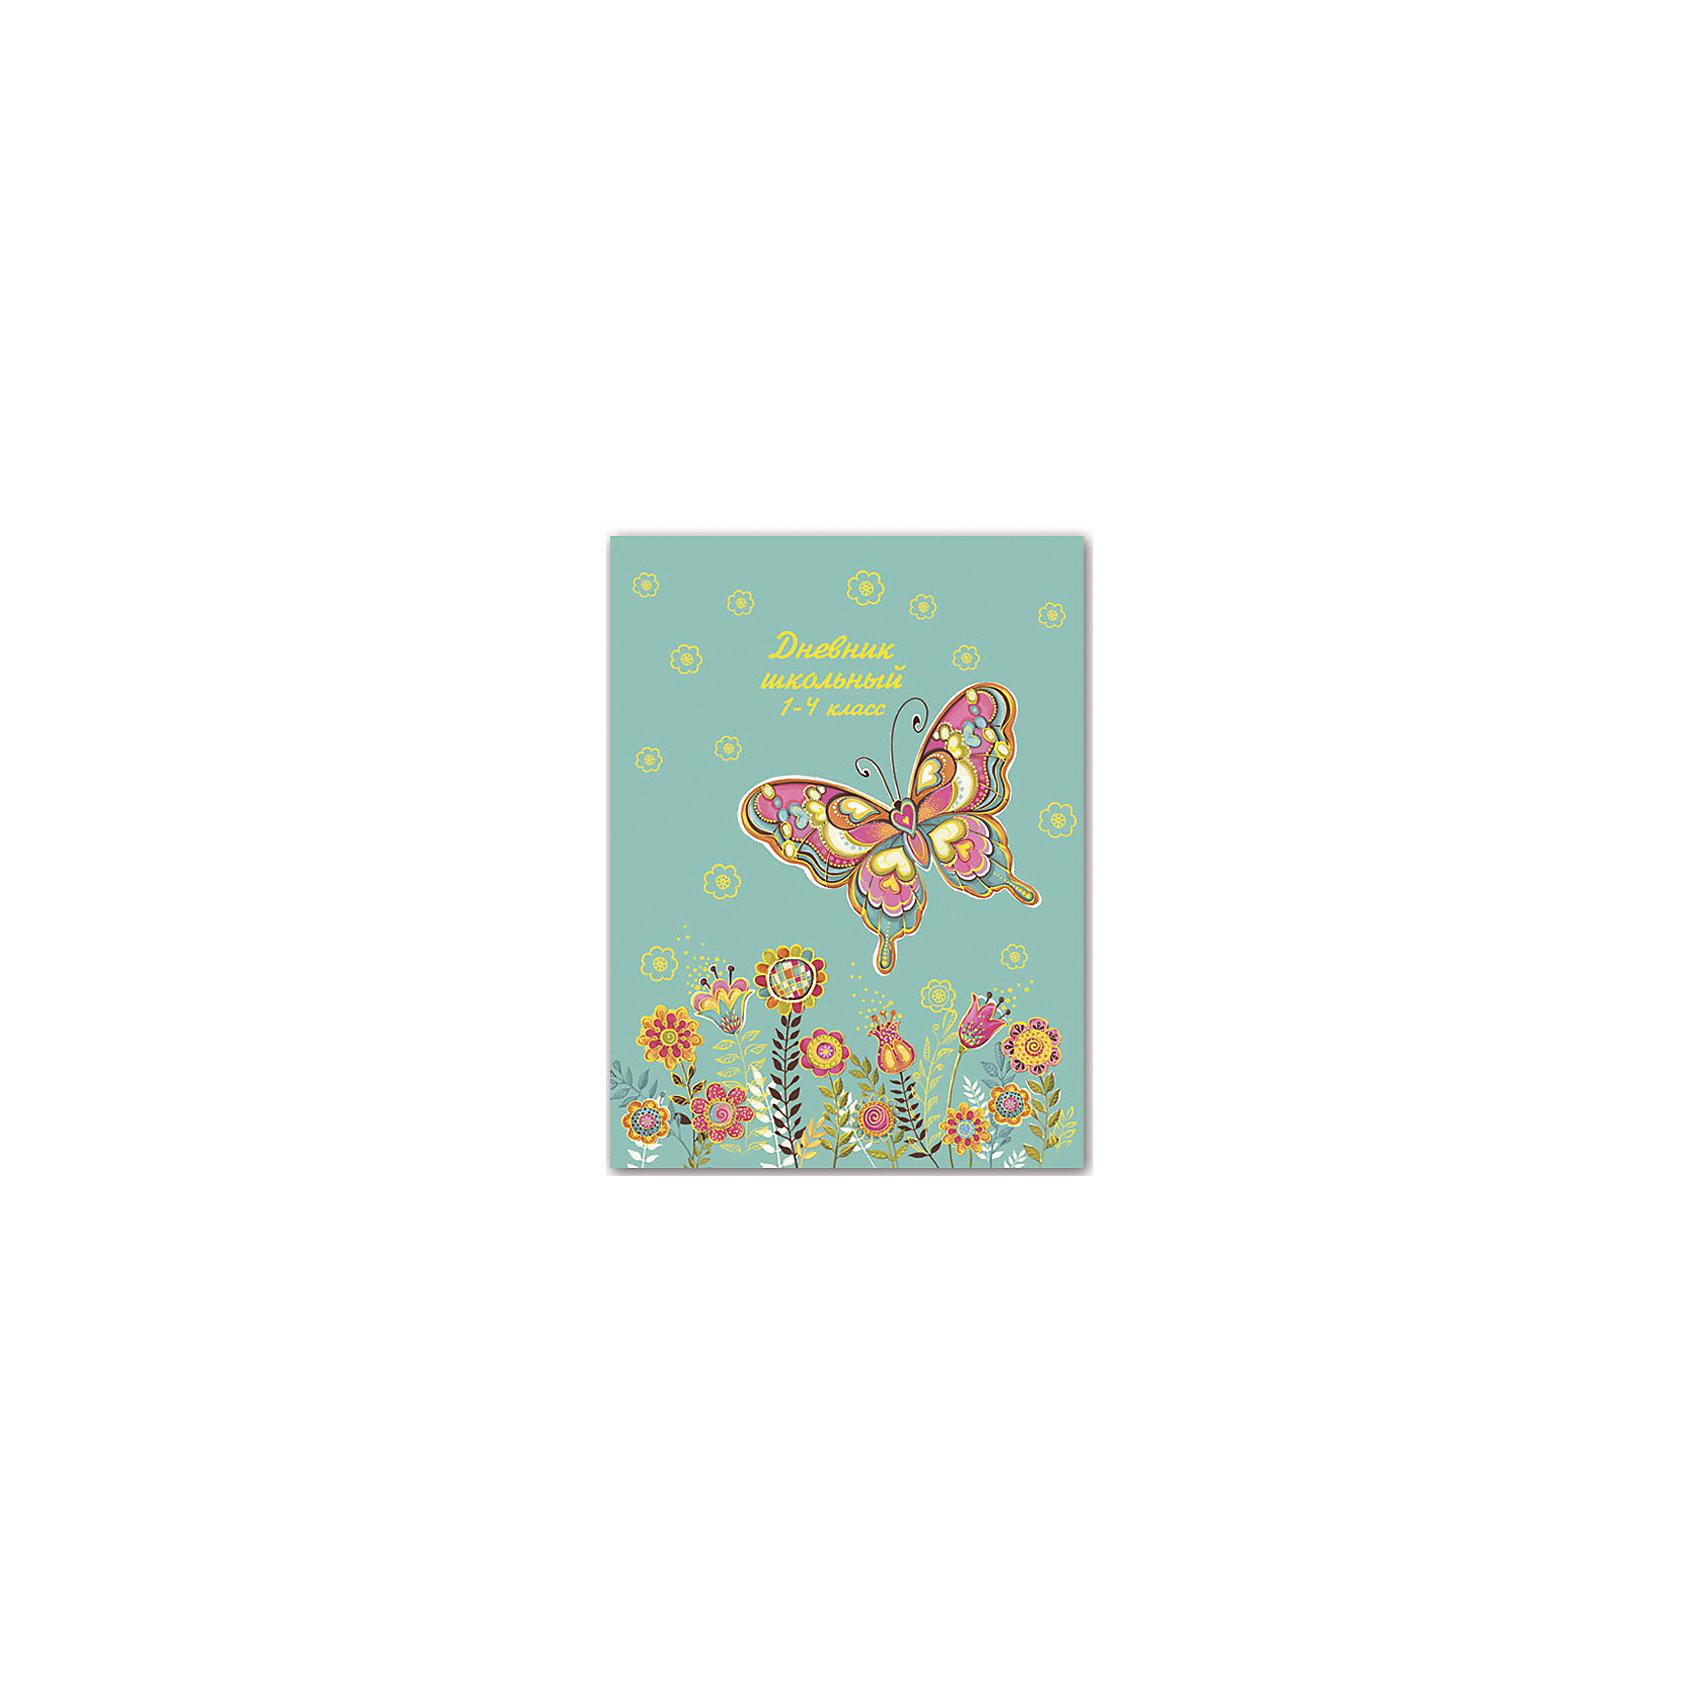 Дневник Бабочка и цветы, 1-4 классЗанятия ребенка в школе всегда требуют приобретения атрибутов для учебы. Так пусть они будут стильными и качественными! Ведь учиться с ними - намного приятней.<br>Школьный дневник Бабочка и цветы - стандартного формата А5. Обложка - из плотной бумаги с изображением бабочки. Листы надежно скреплены. Этот дневник предназначен для учеников начальной школы. Изделие произведено из качественных и безопасных для ребенка материалов.<br><br>Дополнительная информация:<br><br>цвет: разноцветный;<br>формат: А5;<br>материал: бумага.<br><br>Дневник Бабочка и цветы, 1-4 класс можно купить в нашем магазине.<br><br>Ширина мм: 220<br>Глубина мм: 170<br>Высота мм: 10<br>Вес г: 225<br>Возраст от месяцев: 72<br>Возраст до месяцев: 120<br>Пол: Женский<br>Возраст: Детский<br>SKU: 4746197